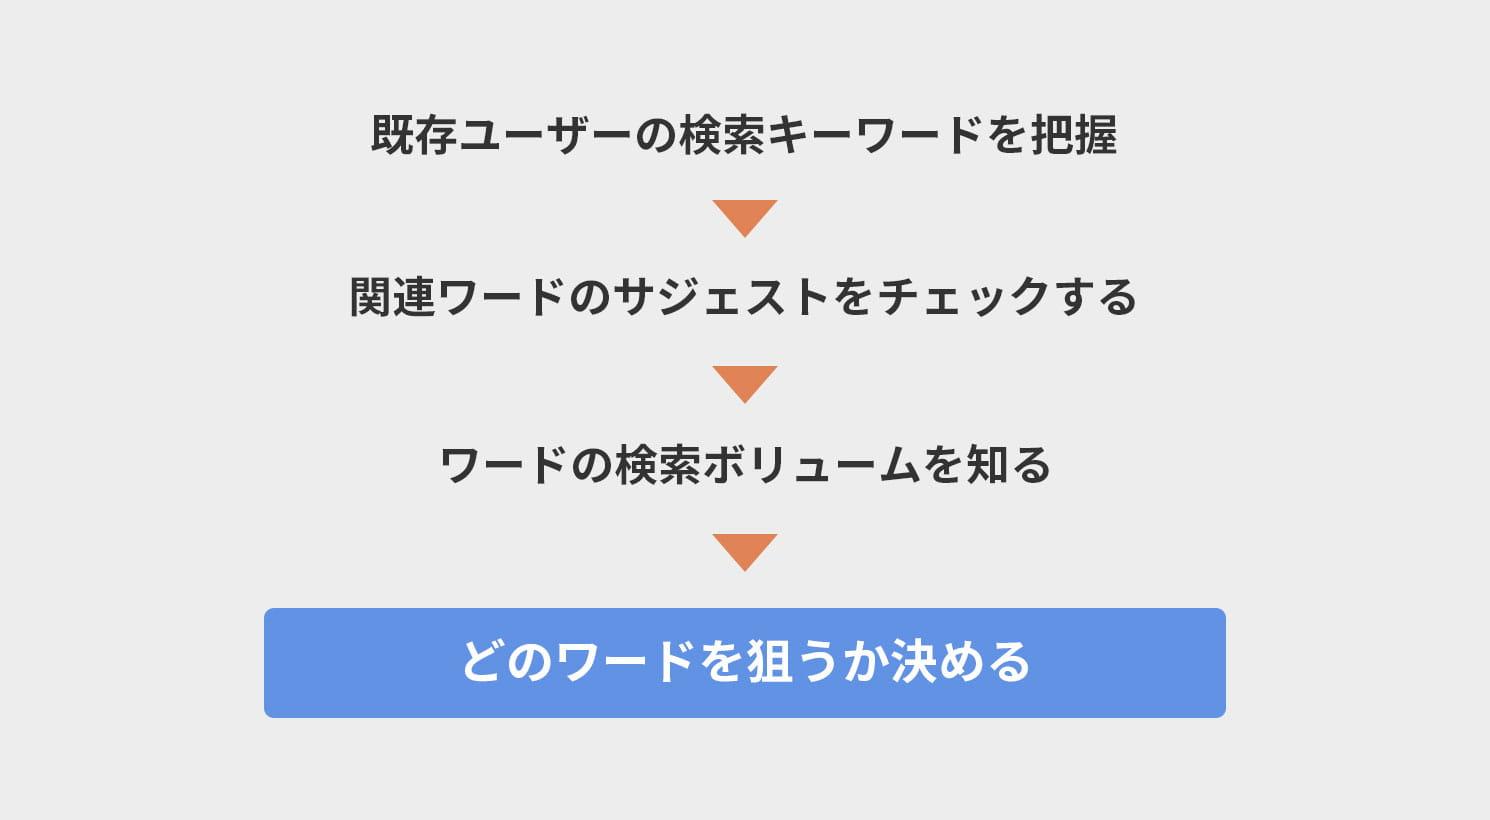 キーワードプランニングのイメージ